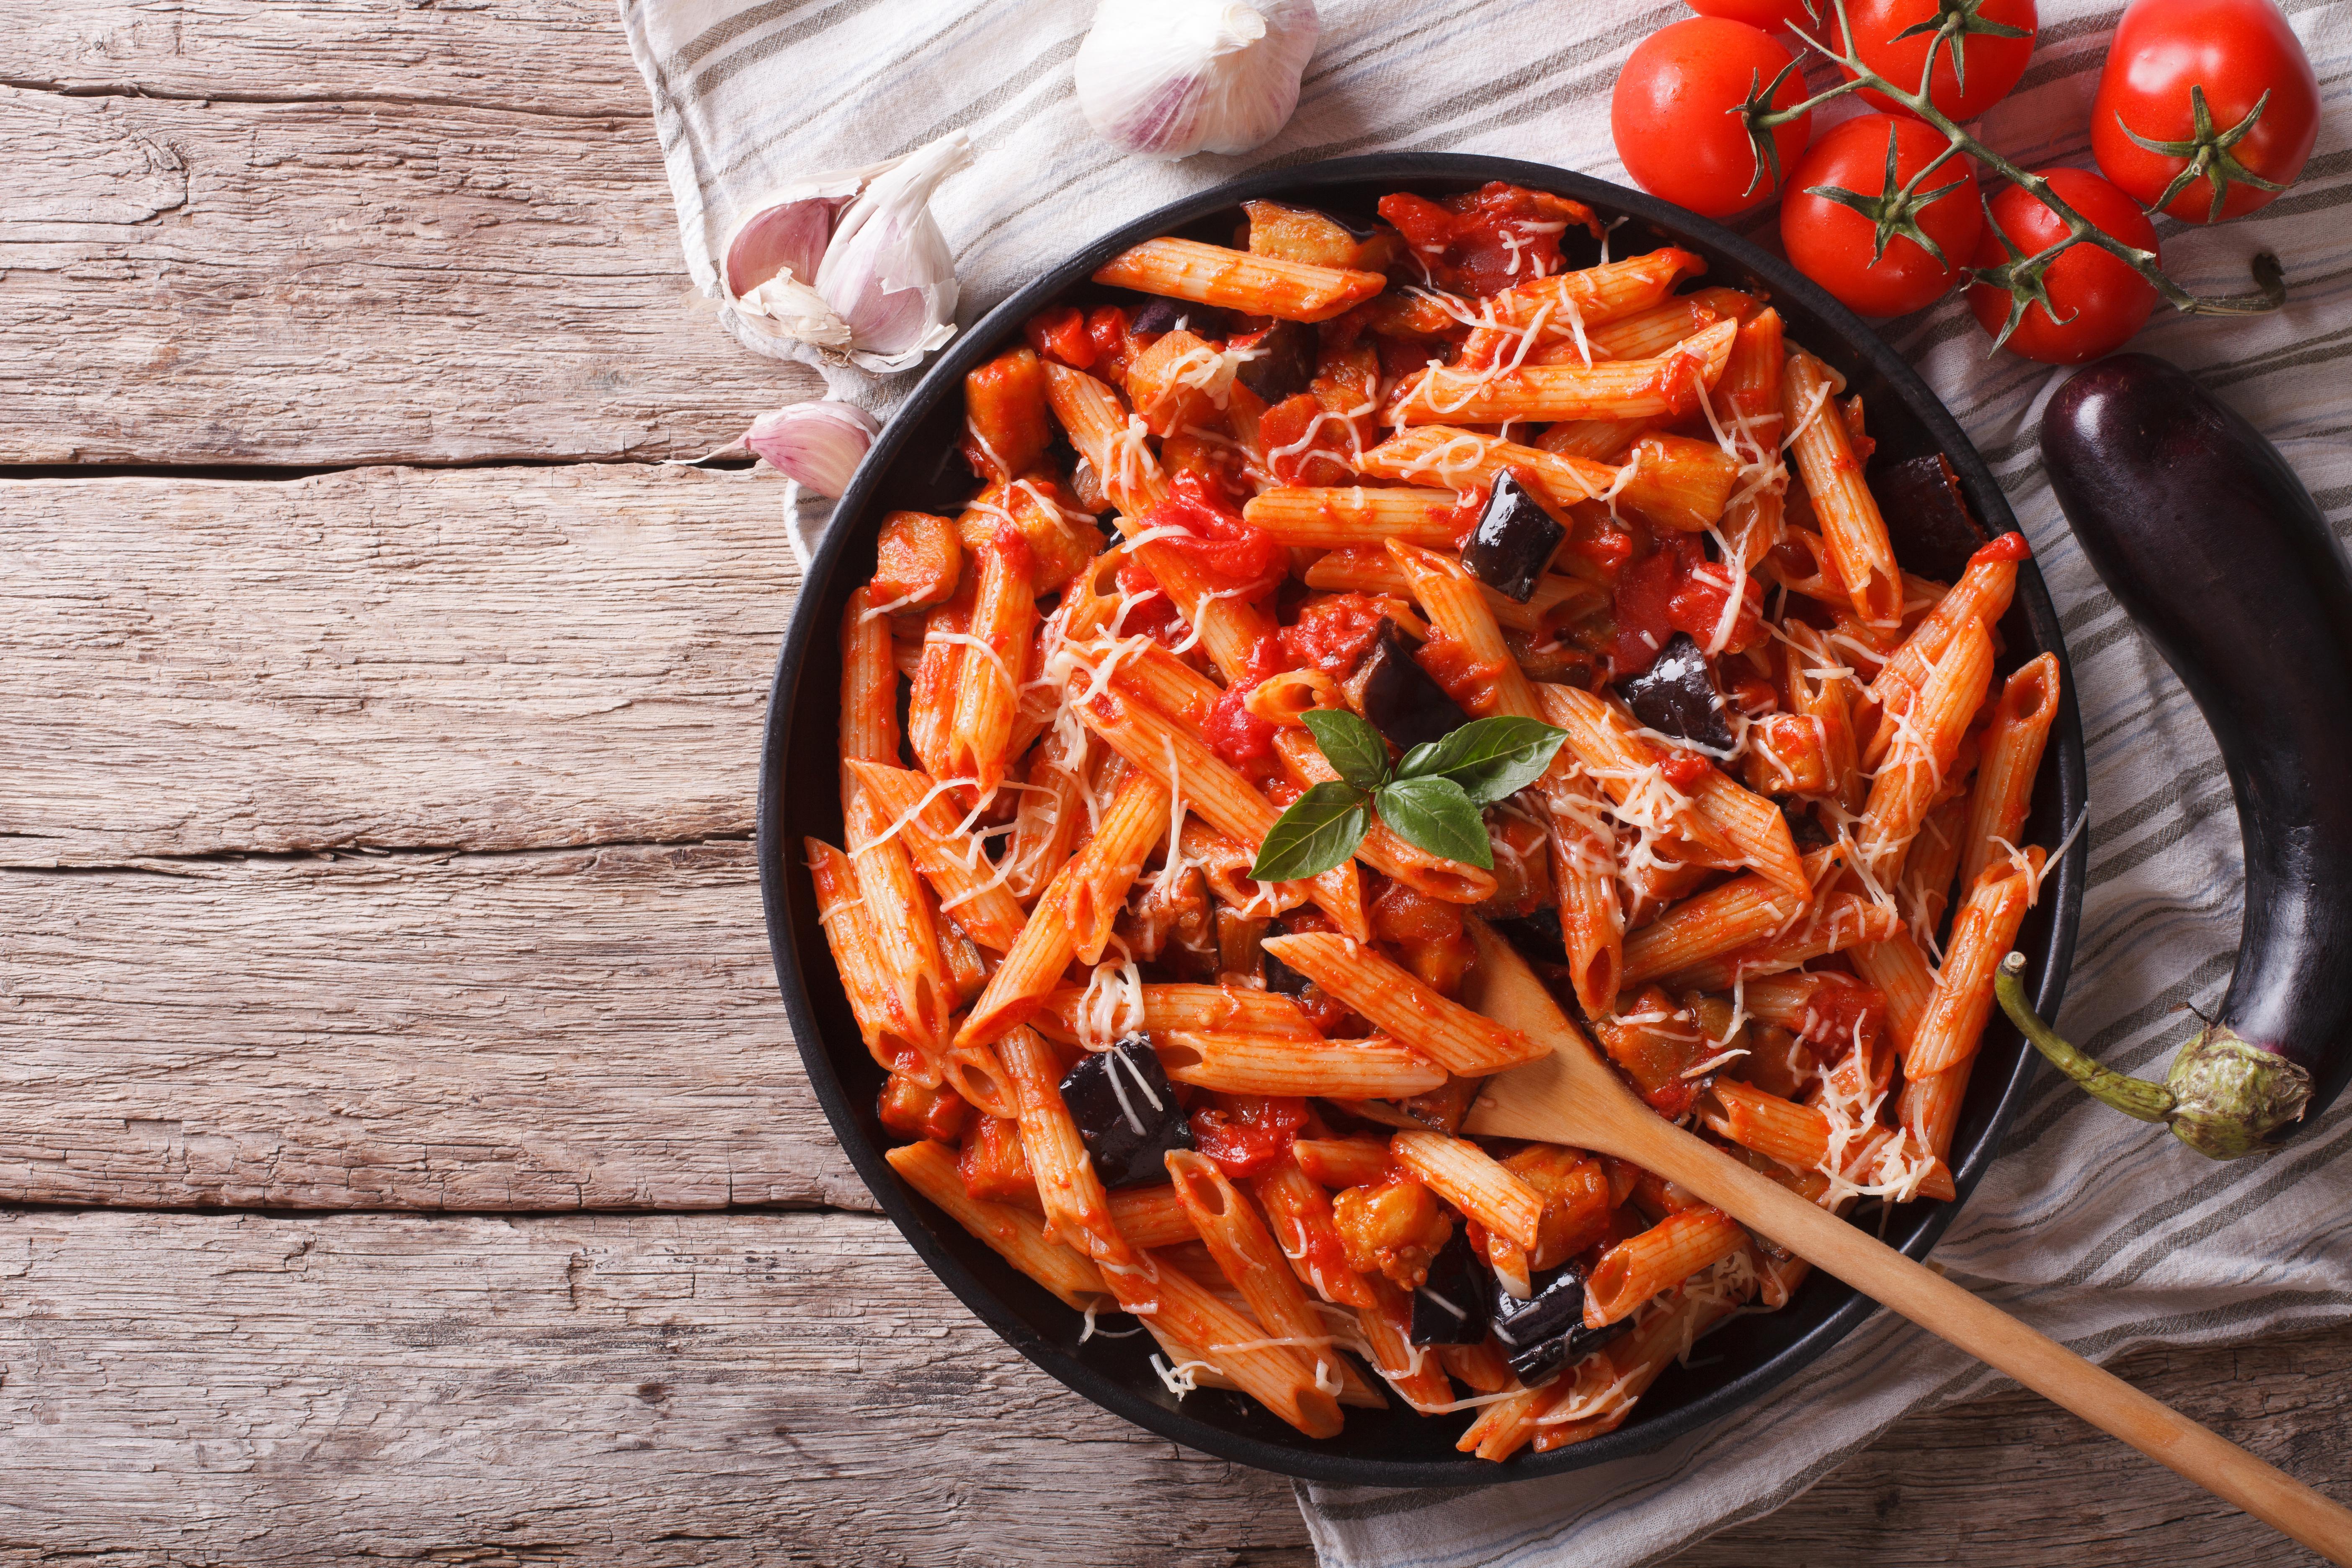 ¡En busca de la pasta perfecta! - Italia Circuito Sicilia Clásica